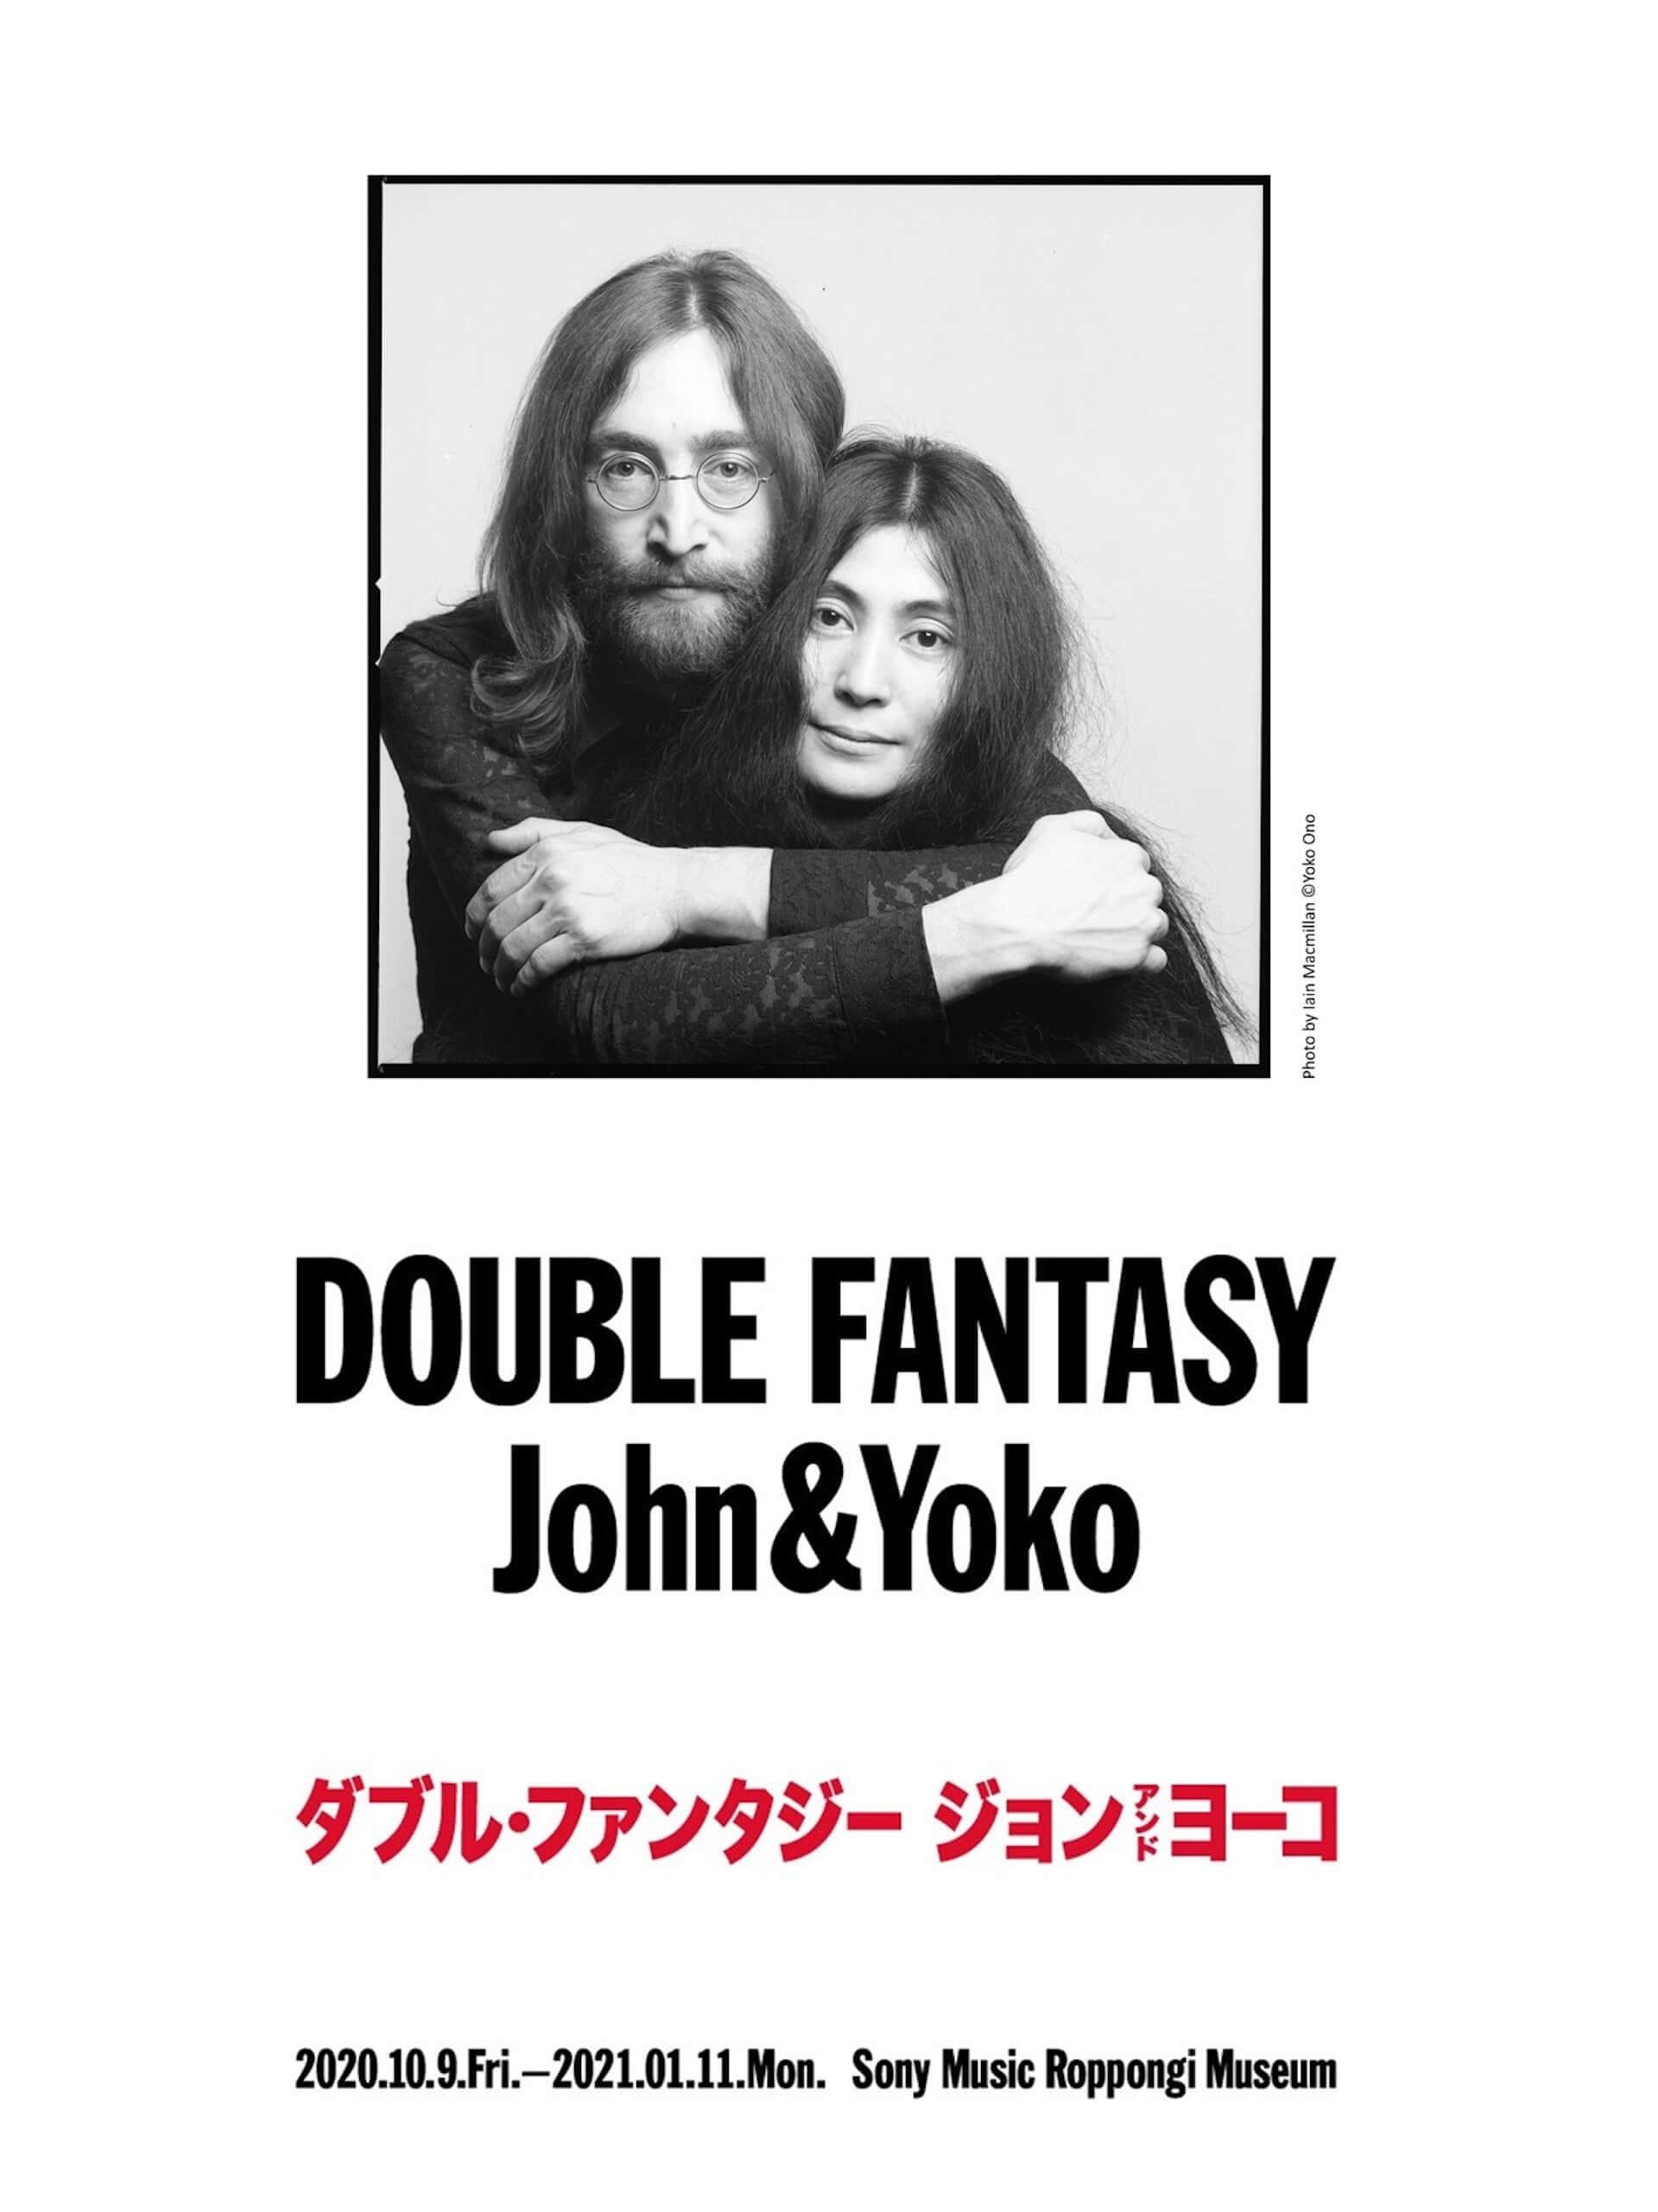 ジョン・レノンとオノ・ヨーコの軌跡を辿る展覧会<DOUBLE FANTASY - John & Yoko>東京展が開催決定!私物など100点以上展示 art200630_doublefantasy_5-1920x2561